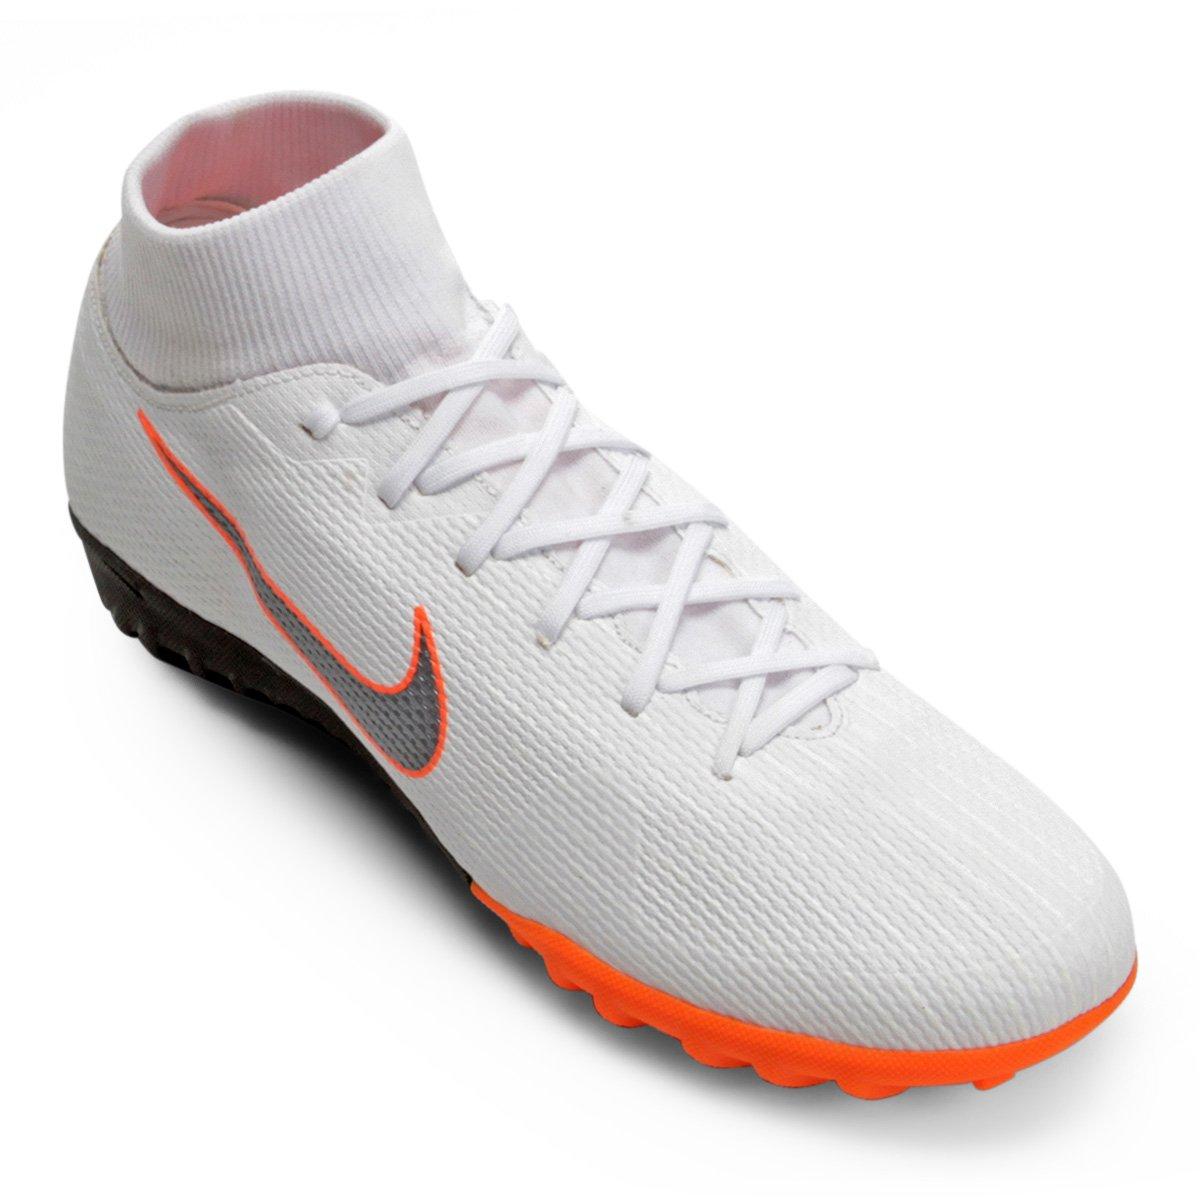 4378aa03a53b4 Chuteira Society Nike Mercurial Superfly 6 Academy - Branco e Cinza - Compre  Agora